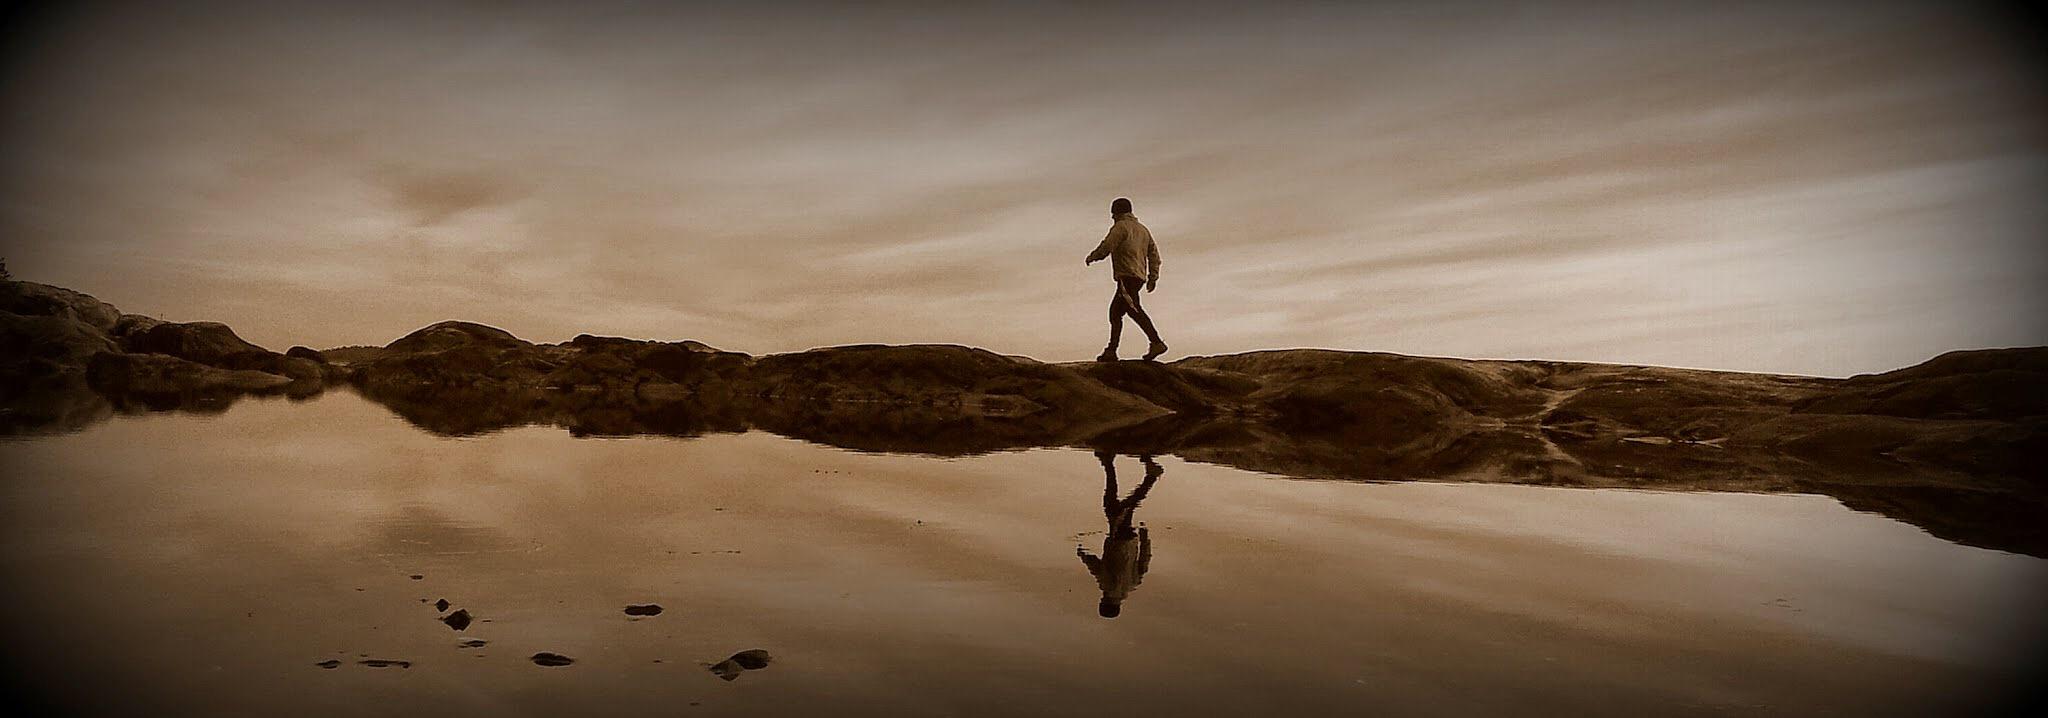 The walker by Bjorn Heidenstrom